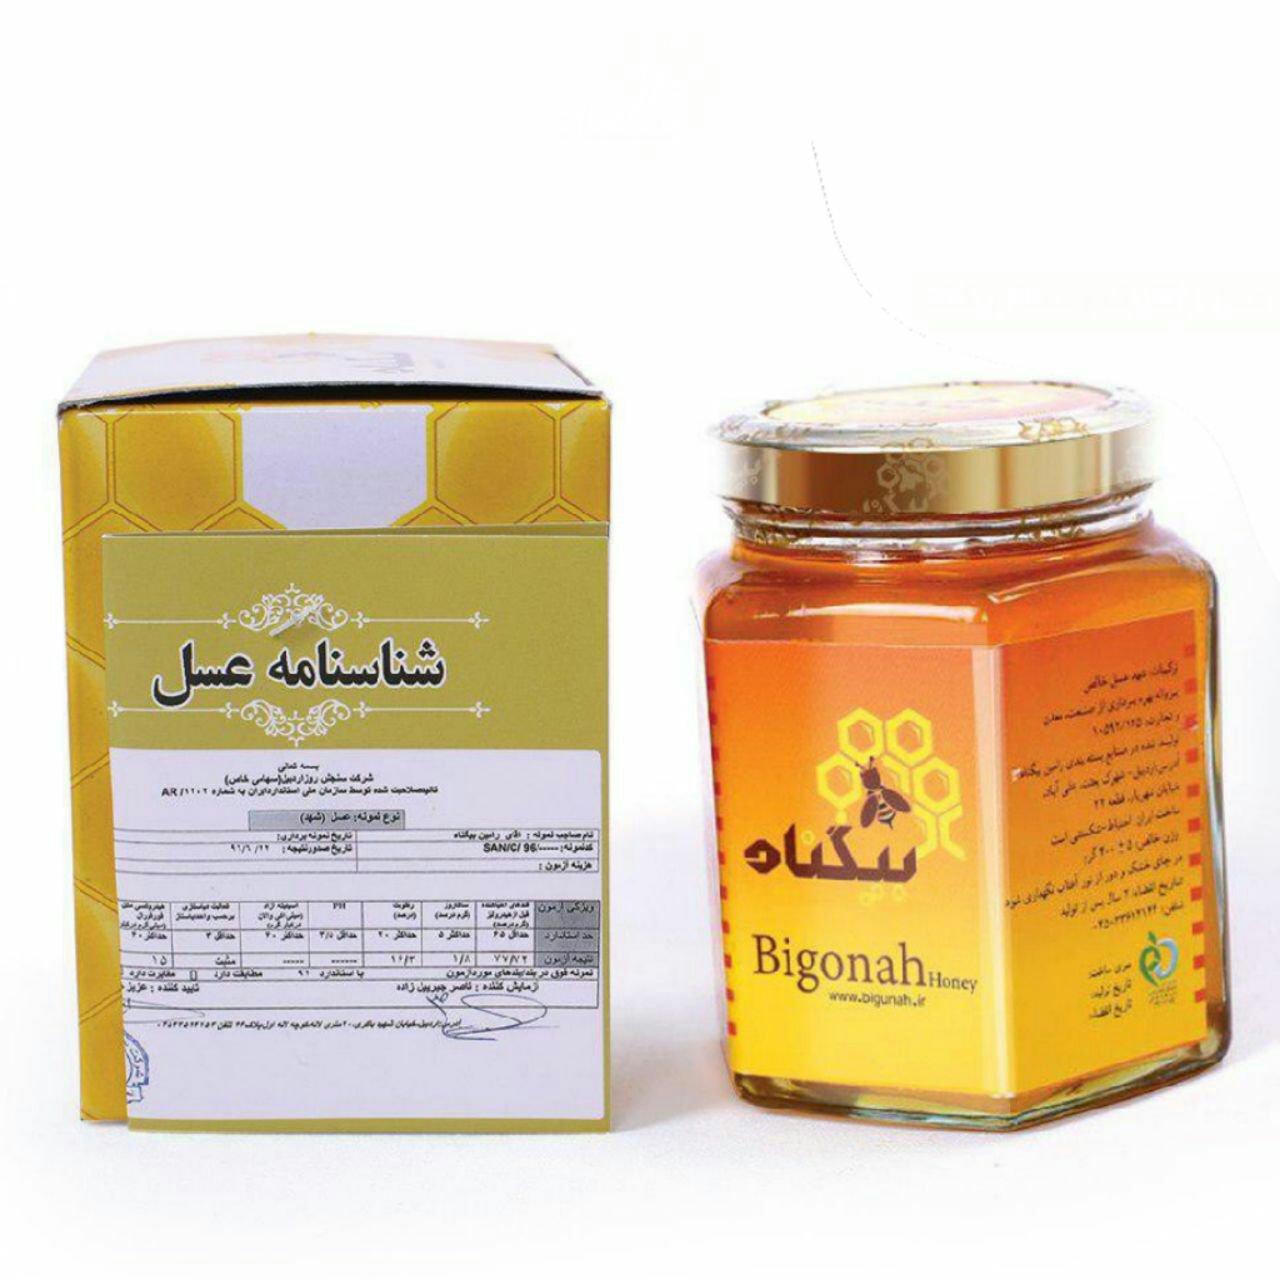 عسل طبیعی شناسنامه دار 400 گرمی